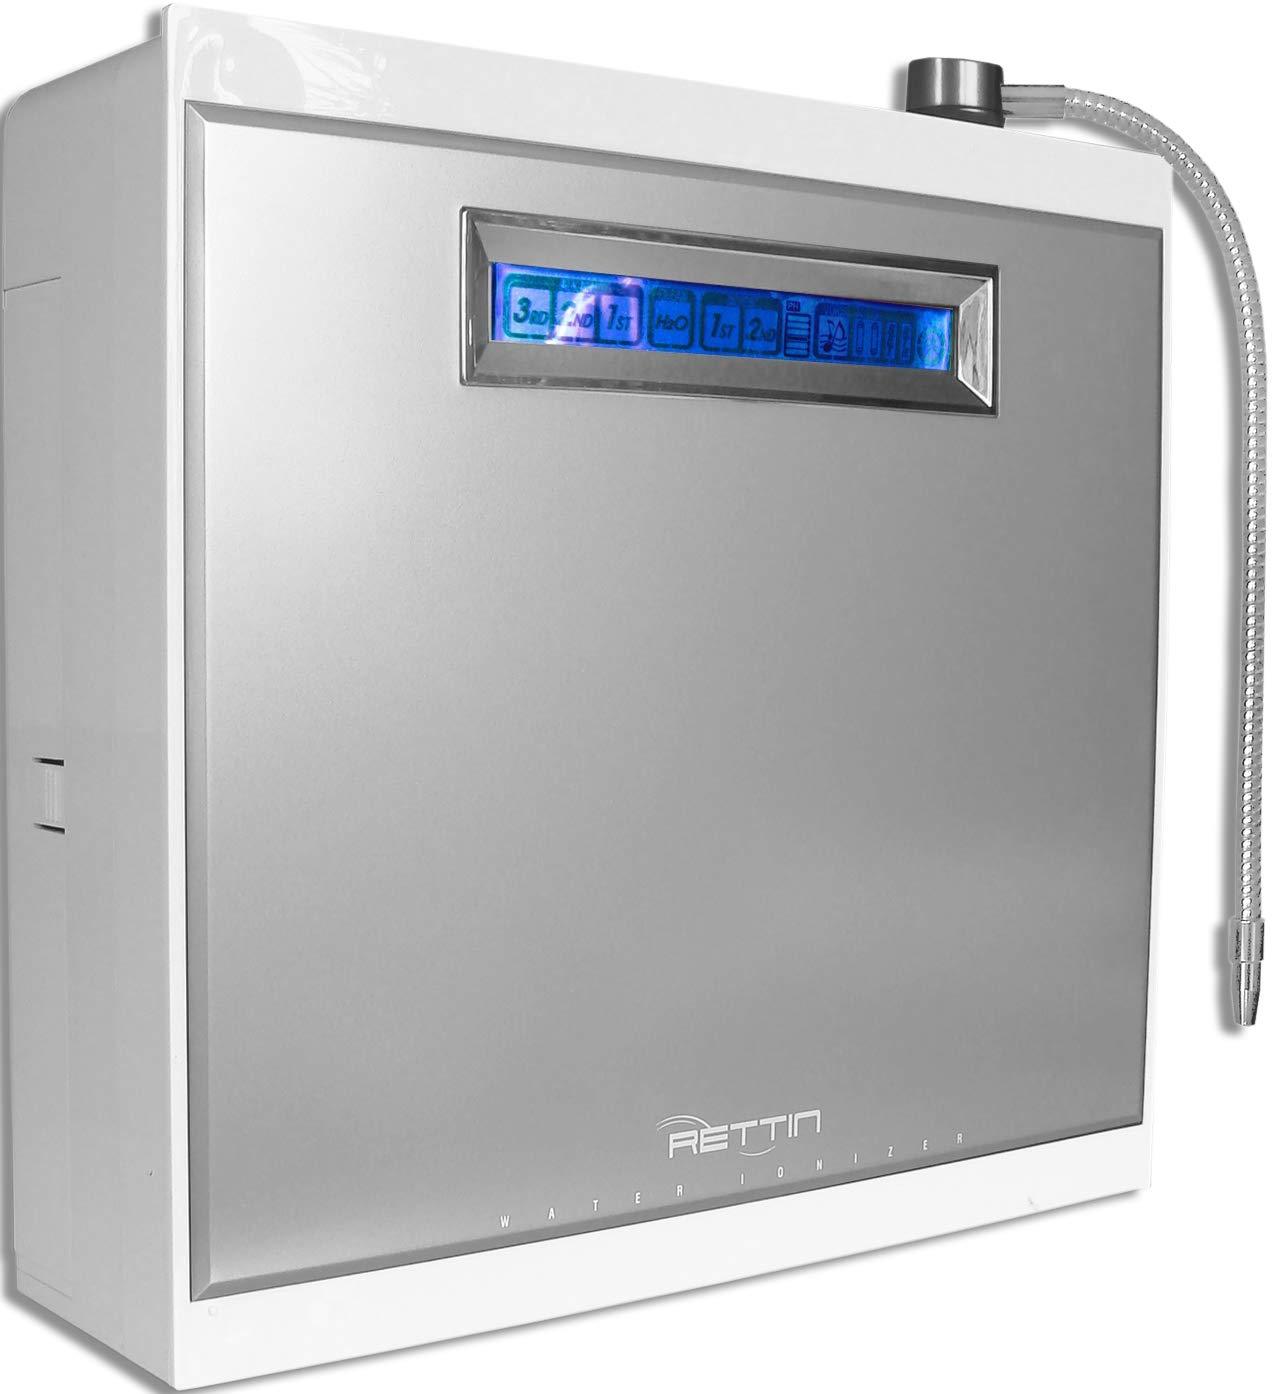 Ionizzatore acqua & Filtro ELISA MMP 5050 - Trattamento acqua potabile Baeck